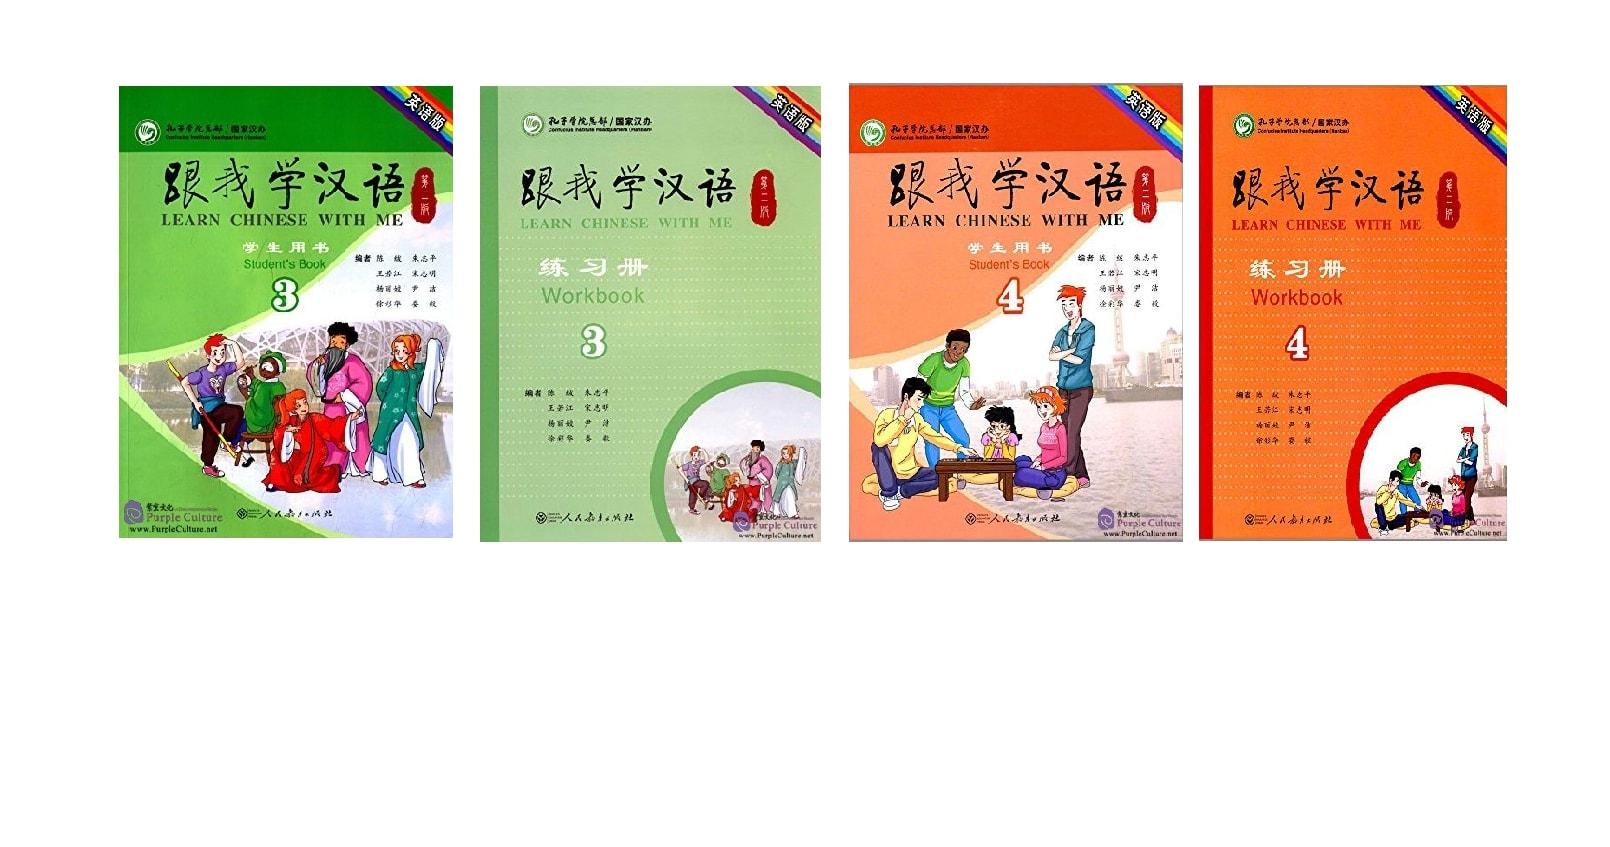 כל ספרי הסינית סמסטר א+ב